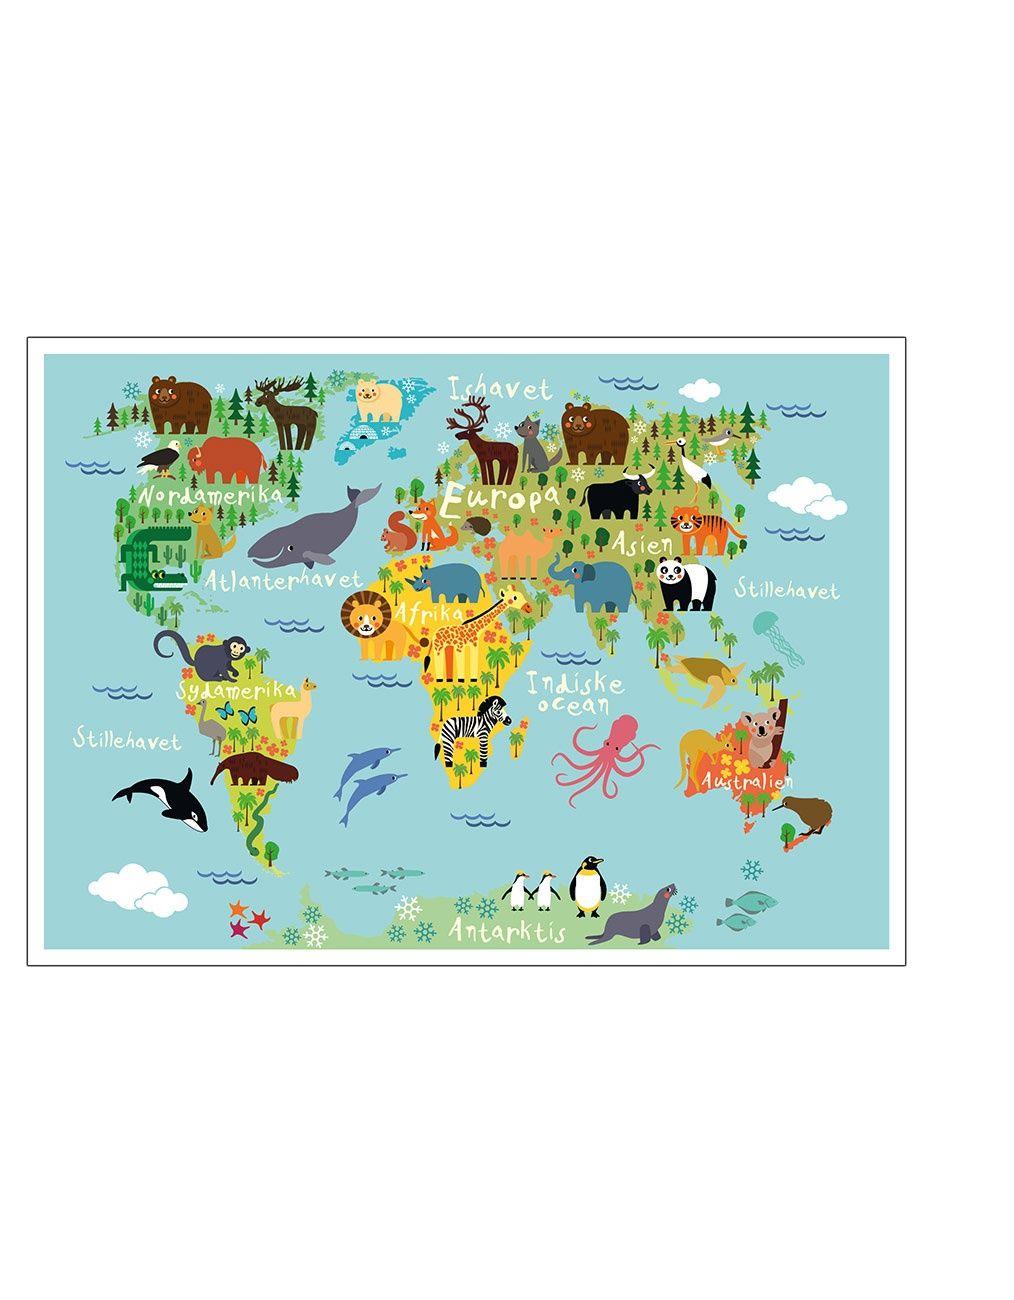 Verdenskort Med Dyr Ba Rneplakat Verdenskort Illustrerede Plakater Farver